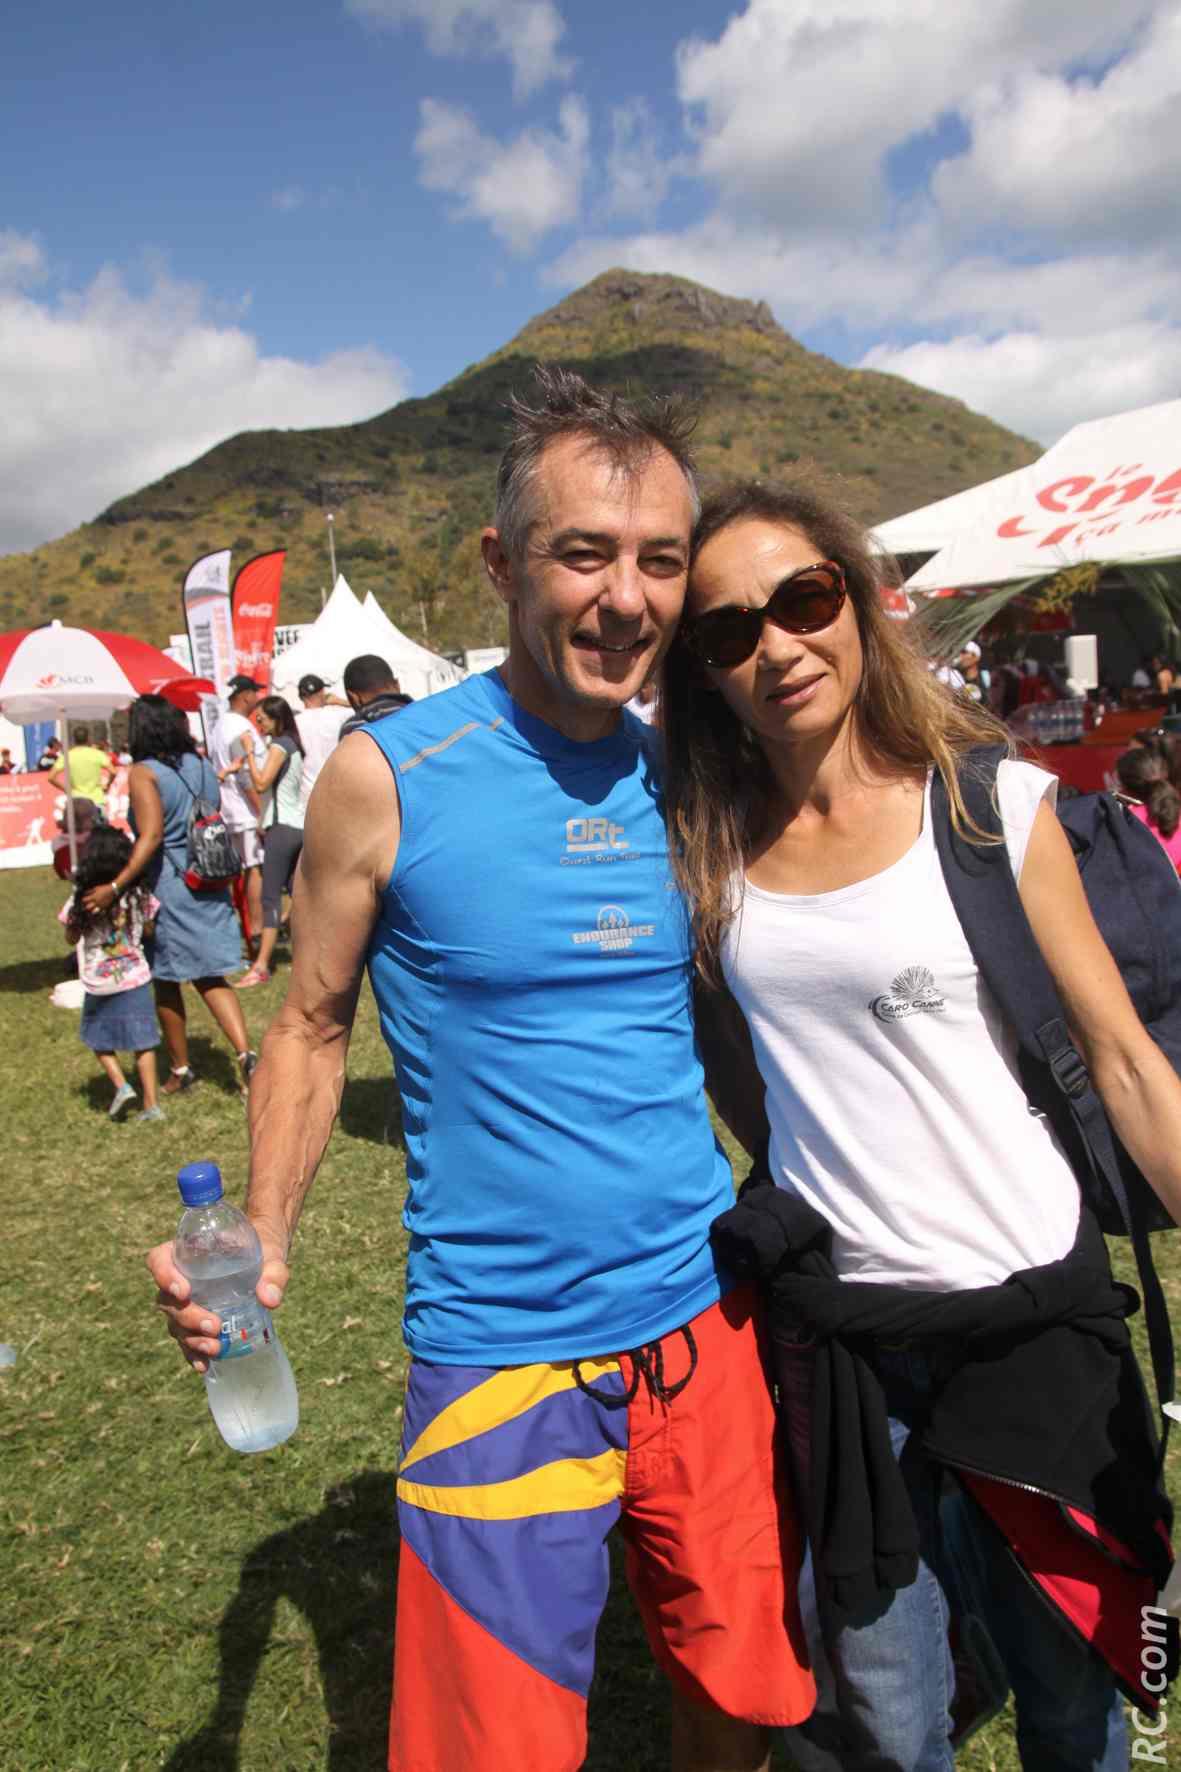 Le Réunionnais Alain Descorsier, 2ème V2 des 25 km, et Nicole Chane Foc, championne du monde de canne de combat. La Réunion lé en l'air!